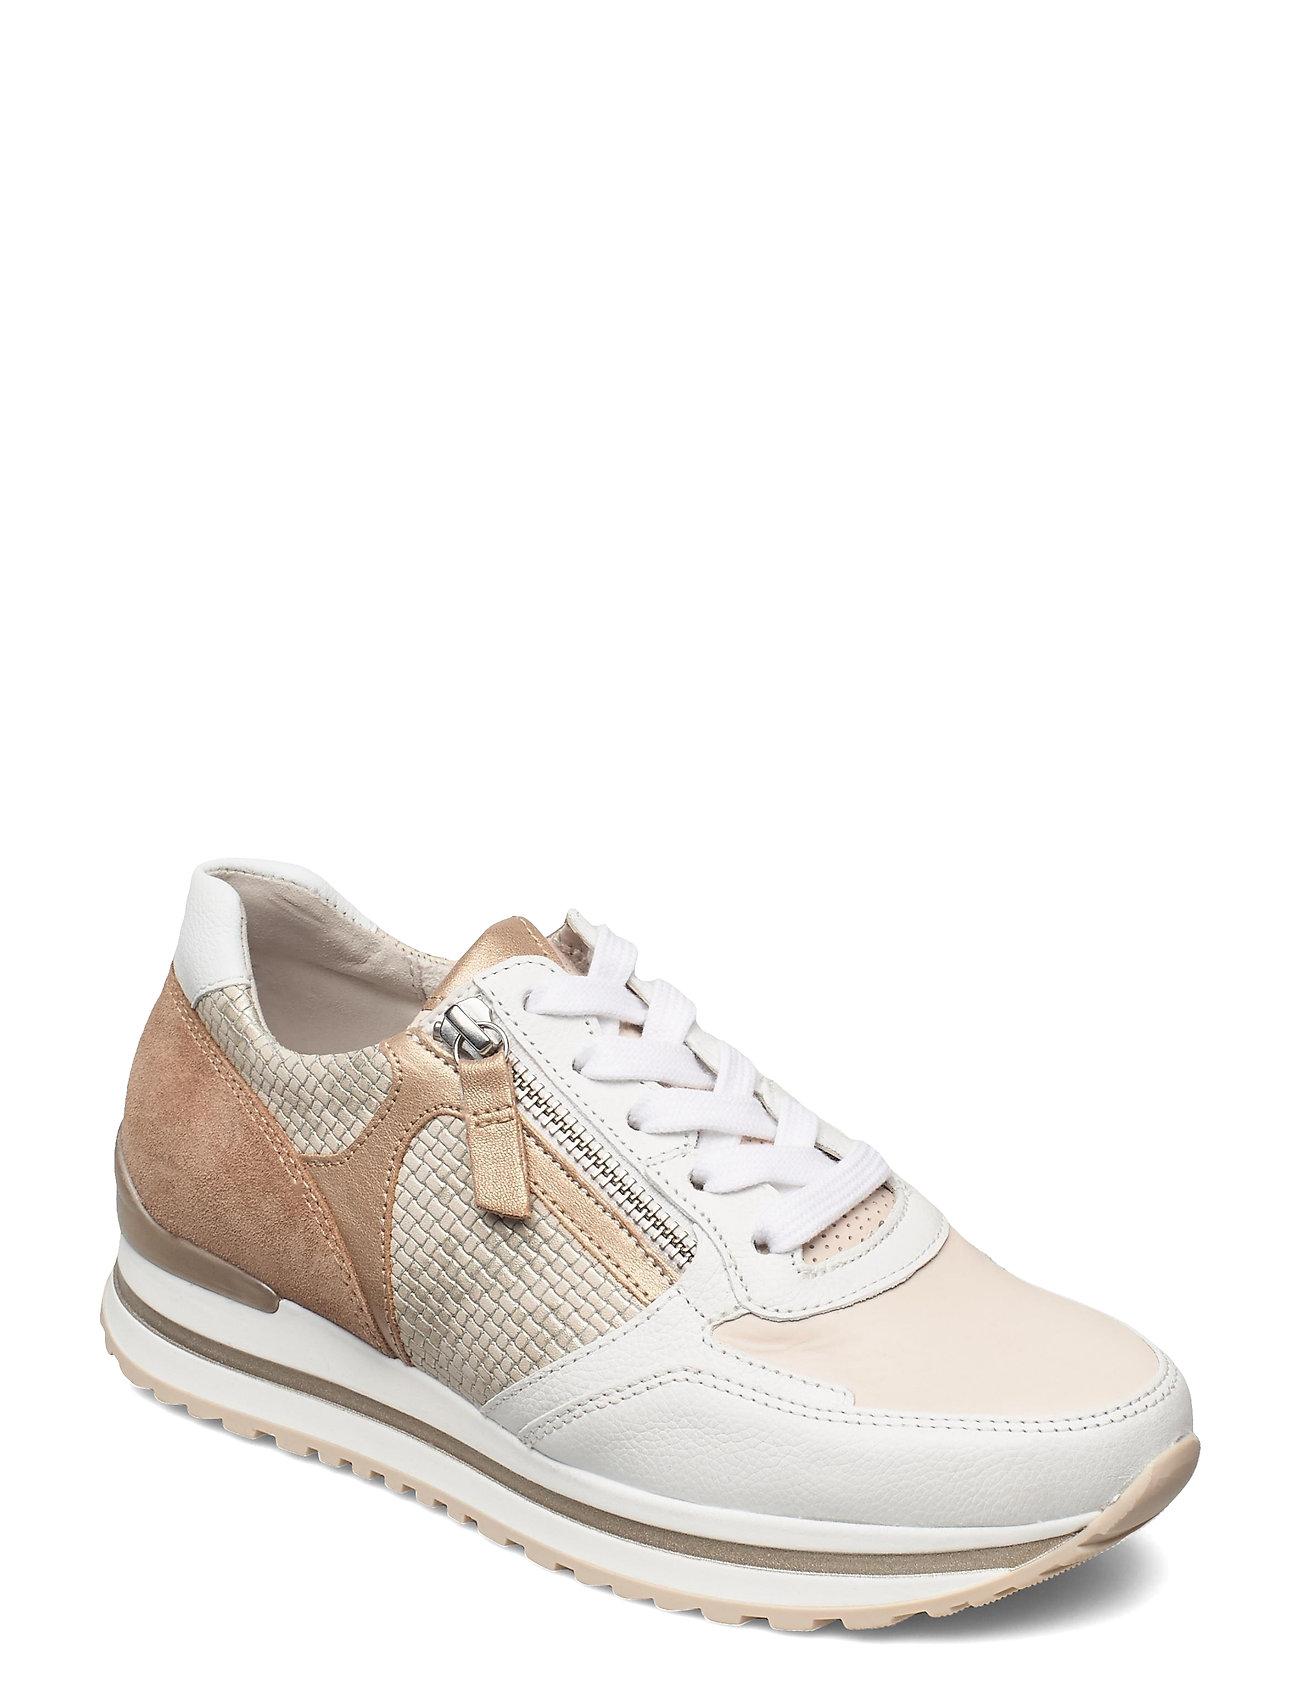 Image of Sport Low Shoe Low-top Sneakers Beige Gabor (3501119929)